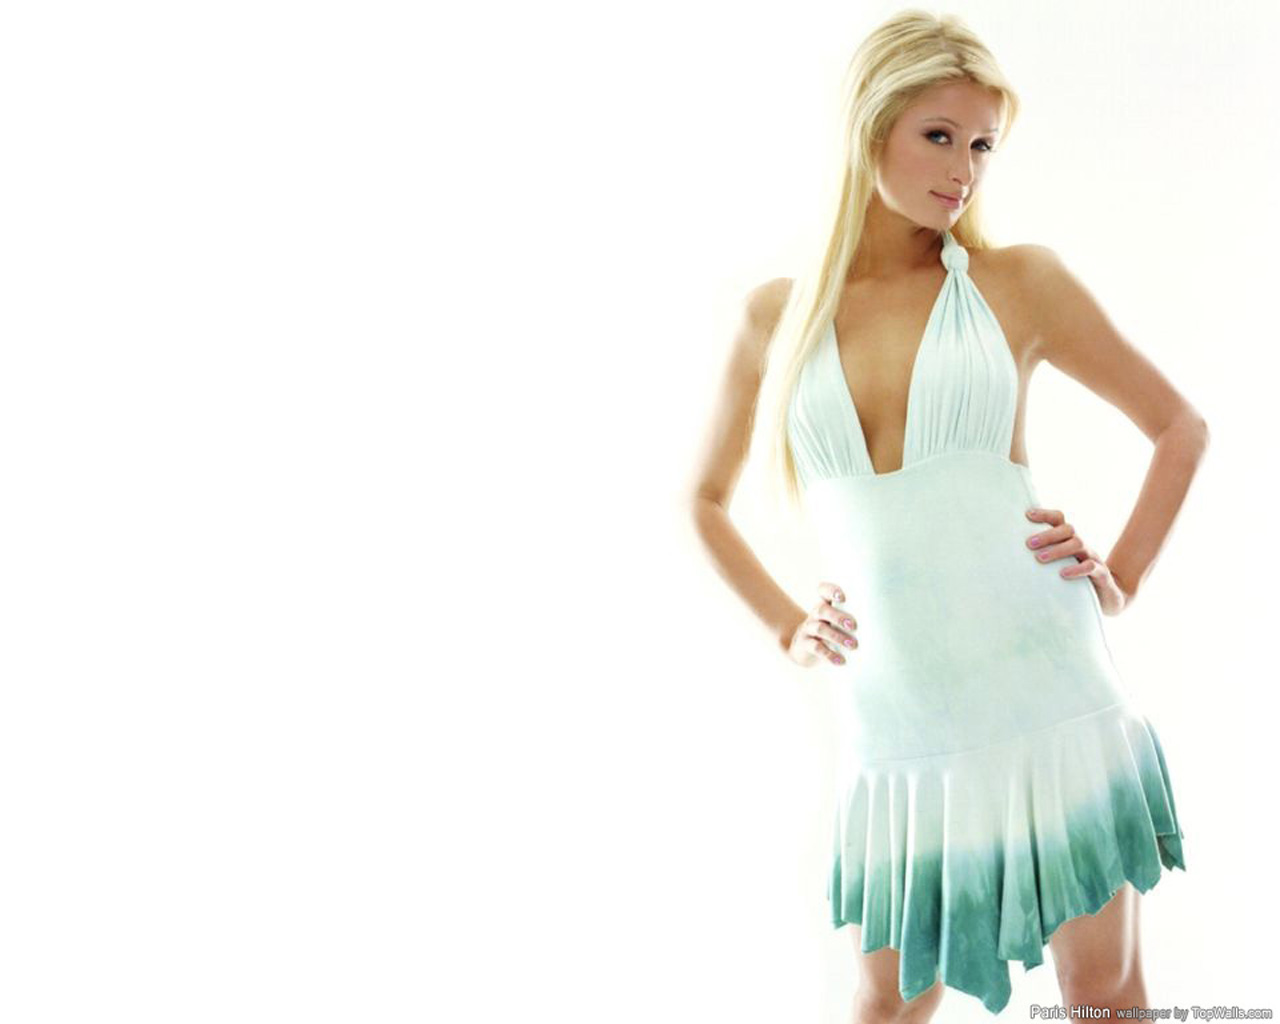 Wallpaper sexy Paris Hilton